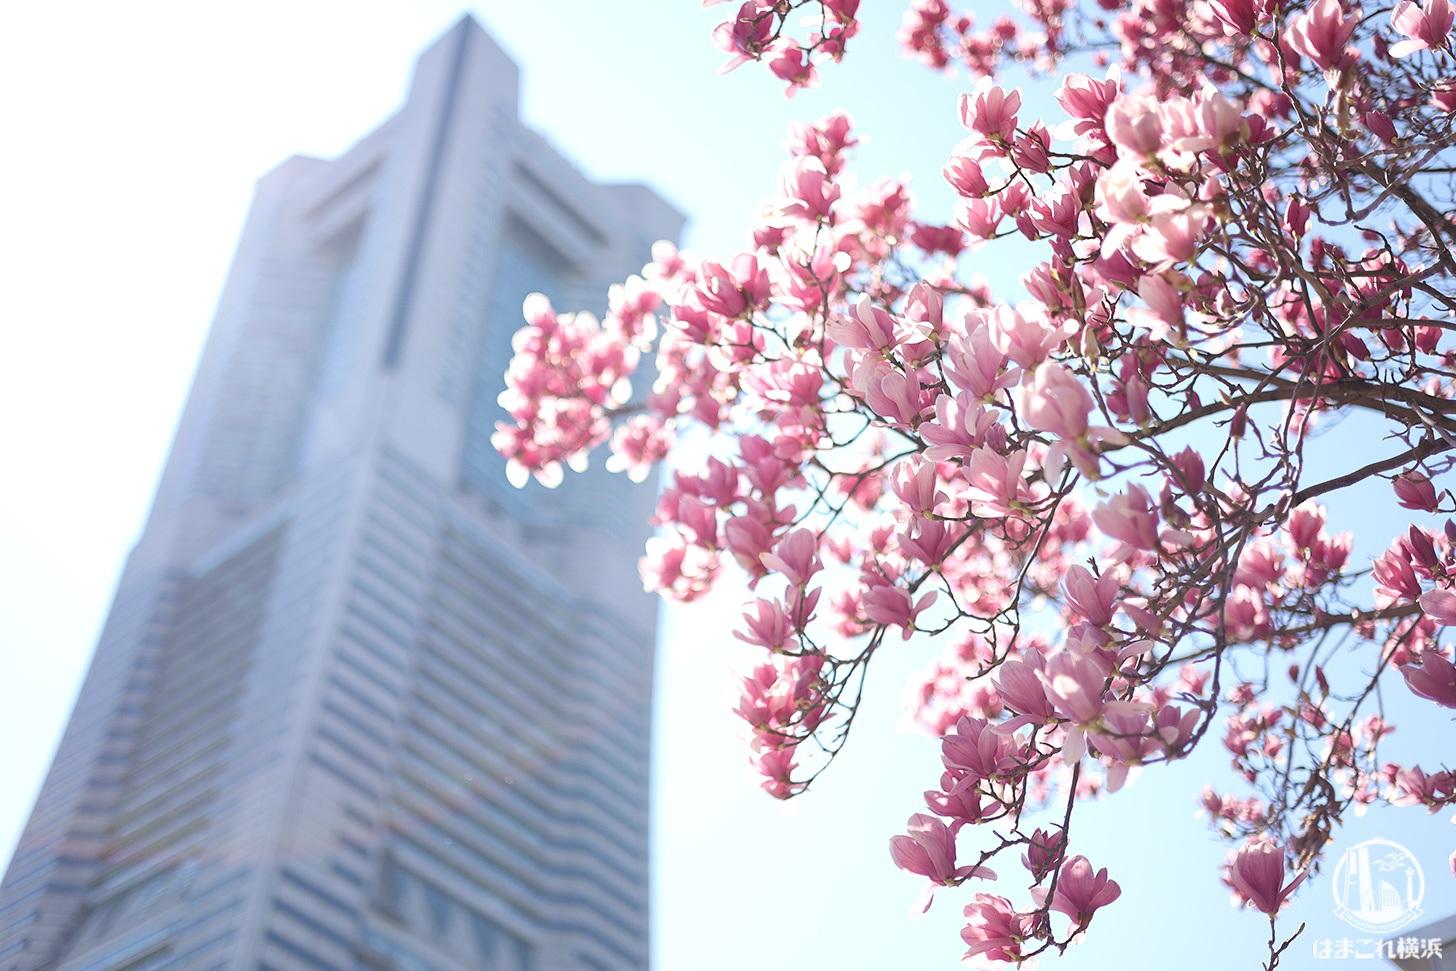 横浜・グランモール公園のモクレンが美しい!ピンク色の花々眺めて春散歩